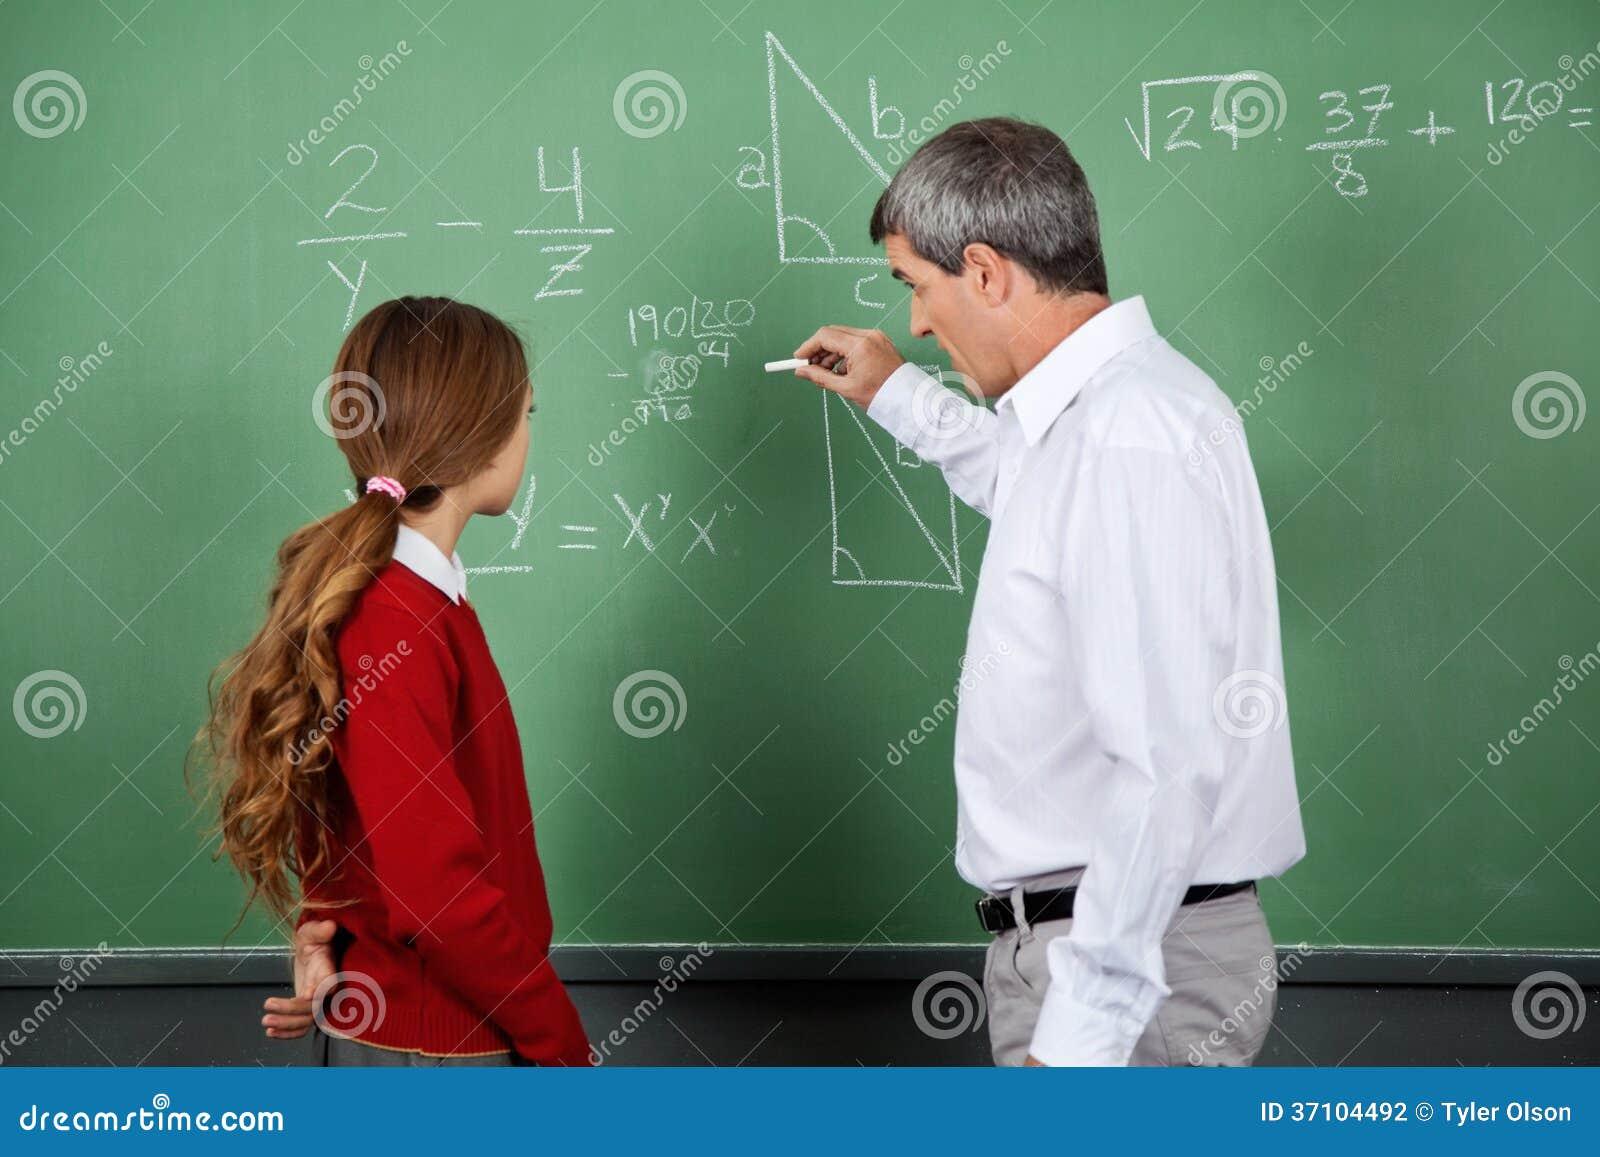 Профессор и студентка 29 фотография